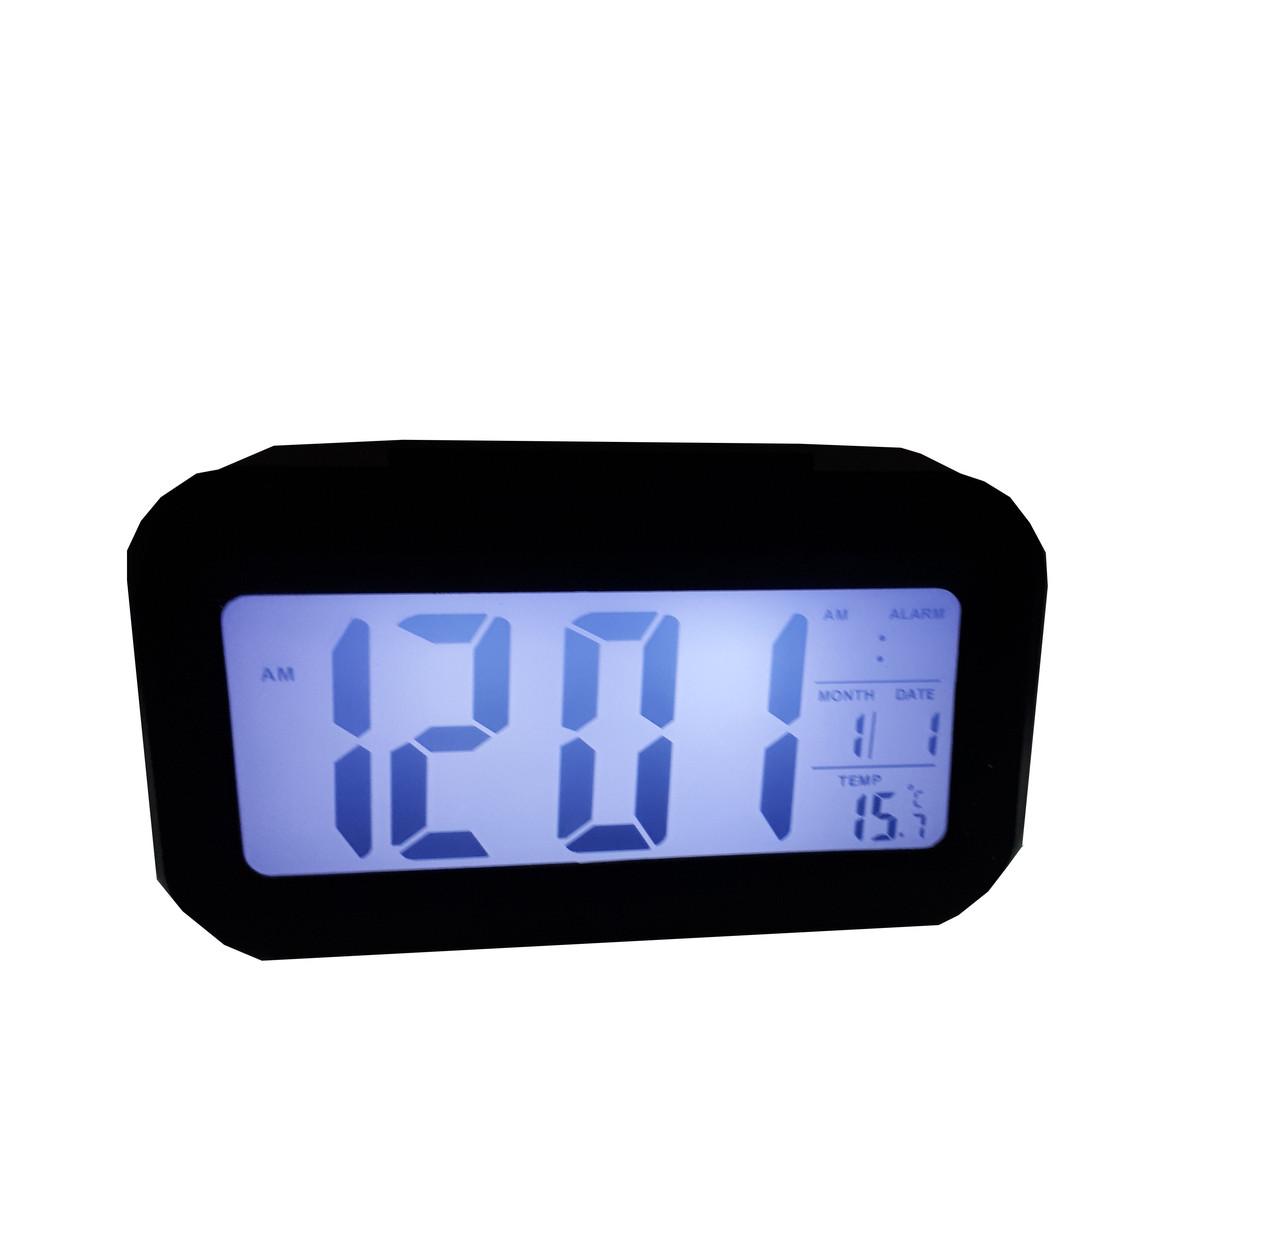 Часы настольные с подсветкой, температурой, будильником. Abeer черный